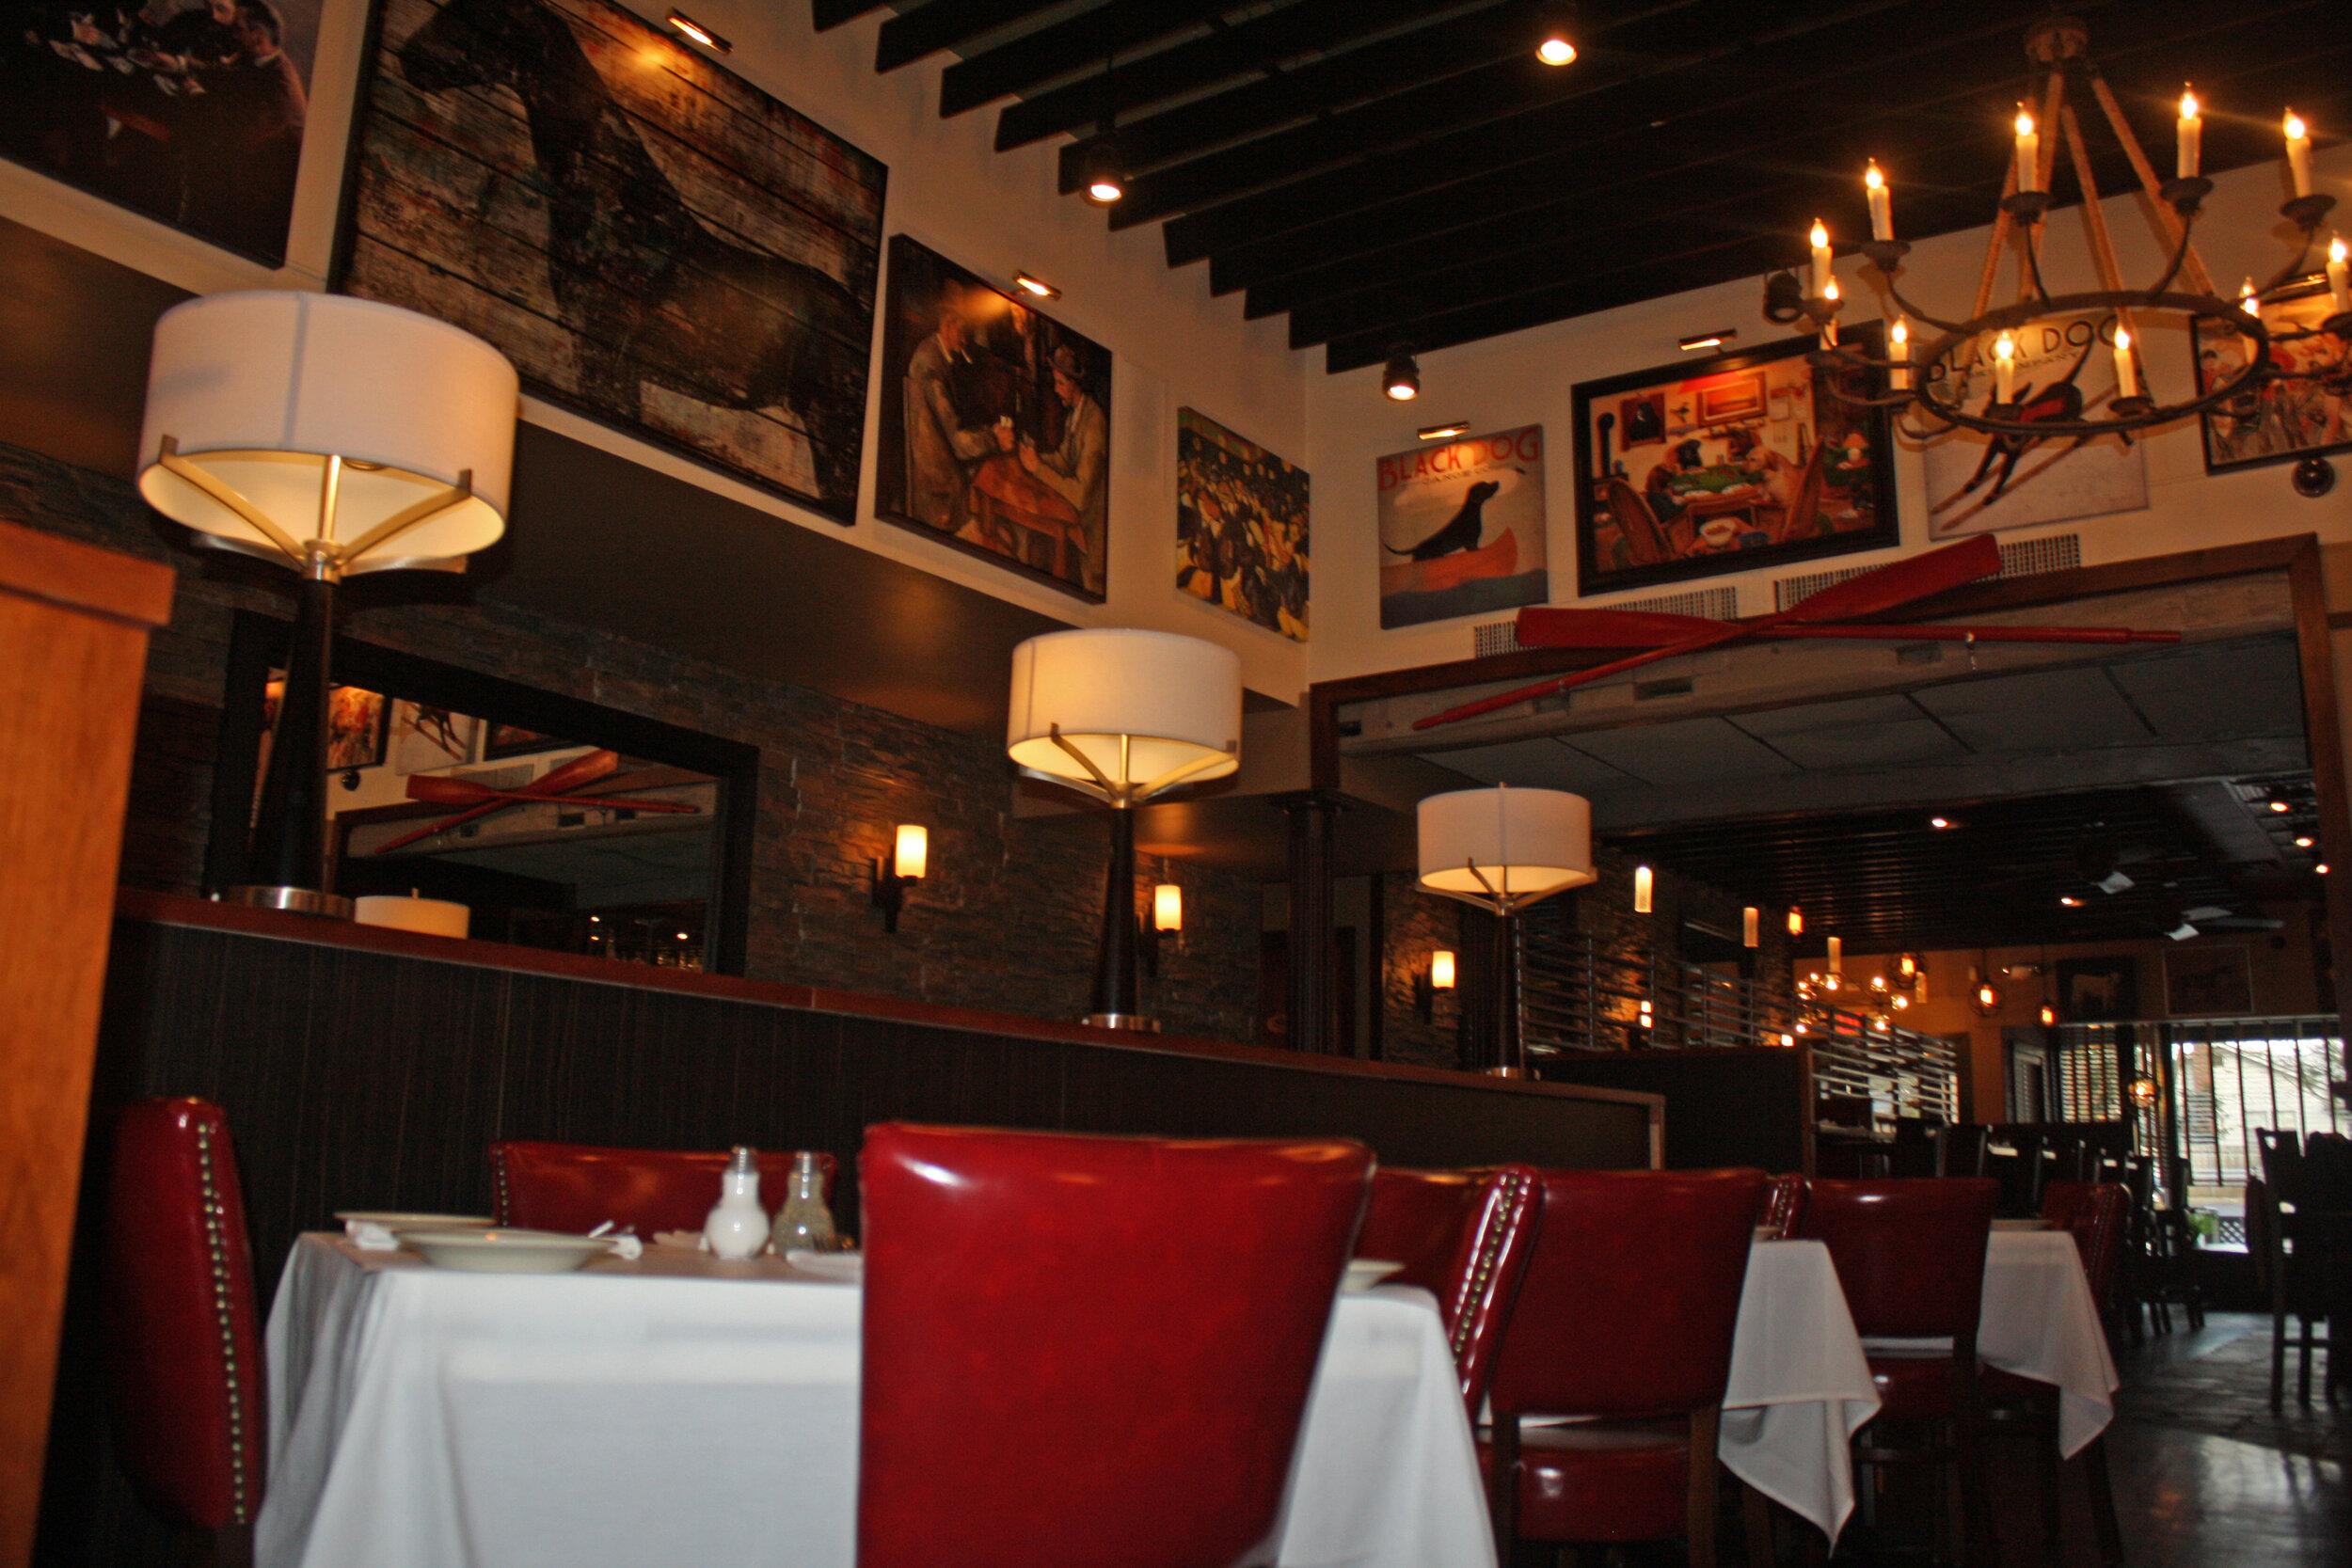 George White Dining Room 2.jpg